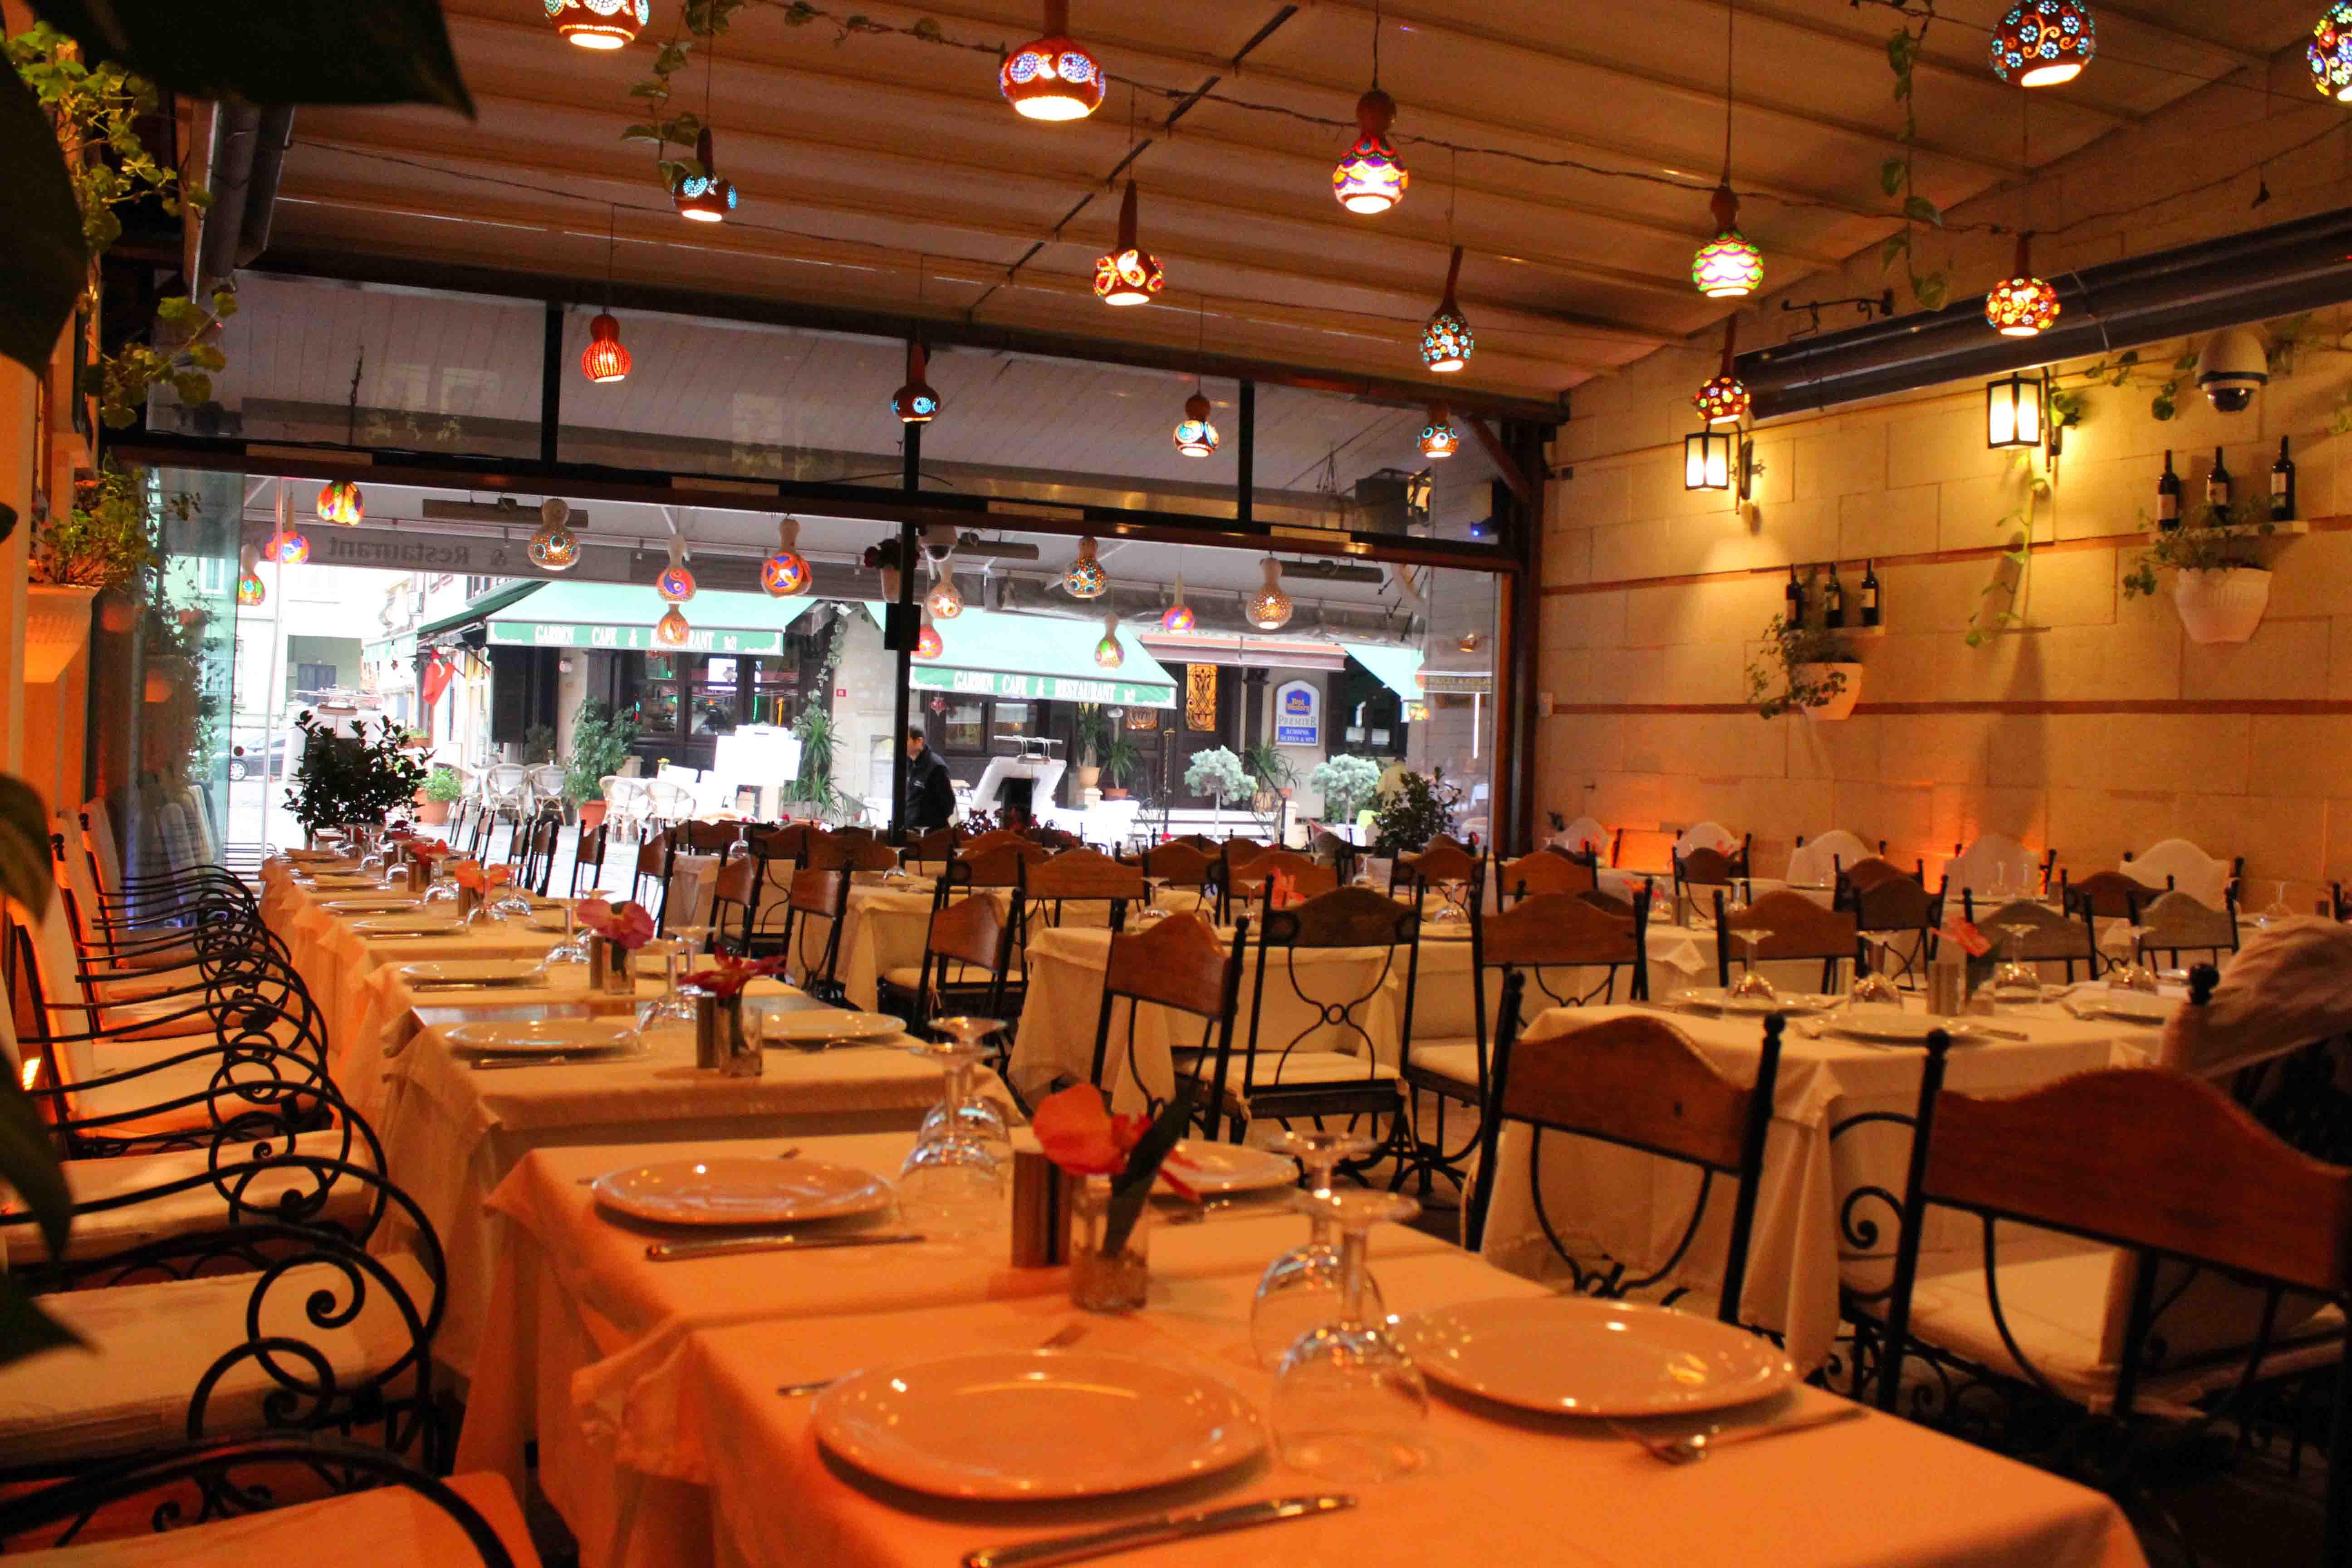 http://www.alburakathisma.com/images/galeri/orjinal/albura-Garden-99.jpg